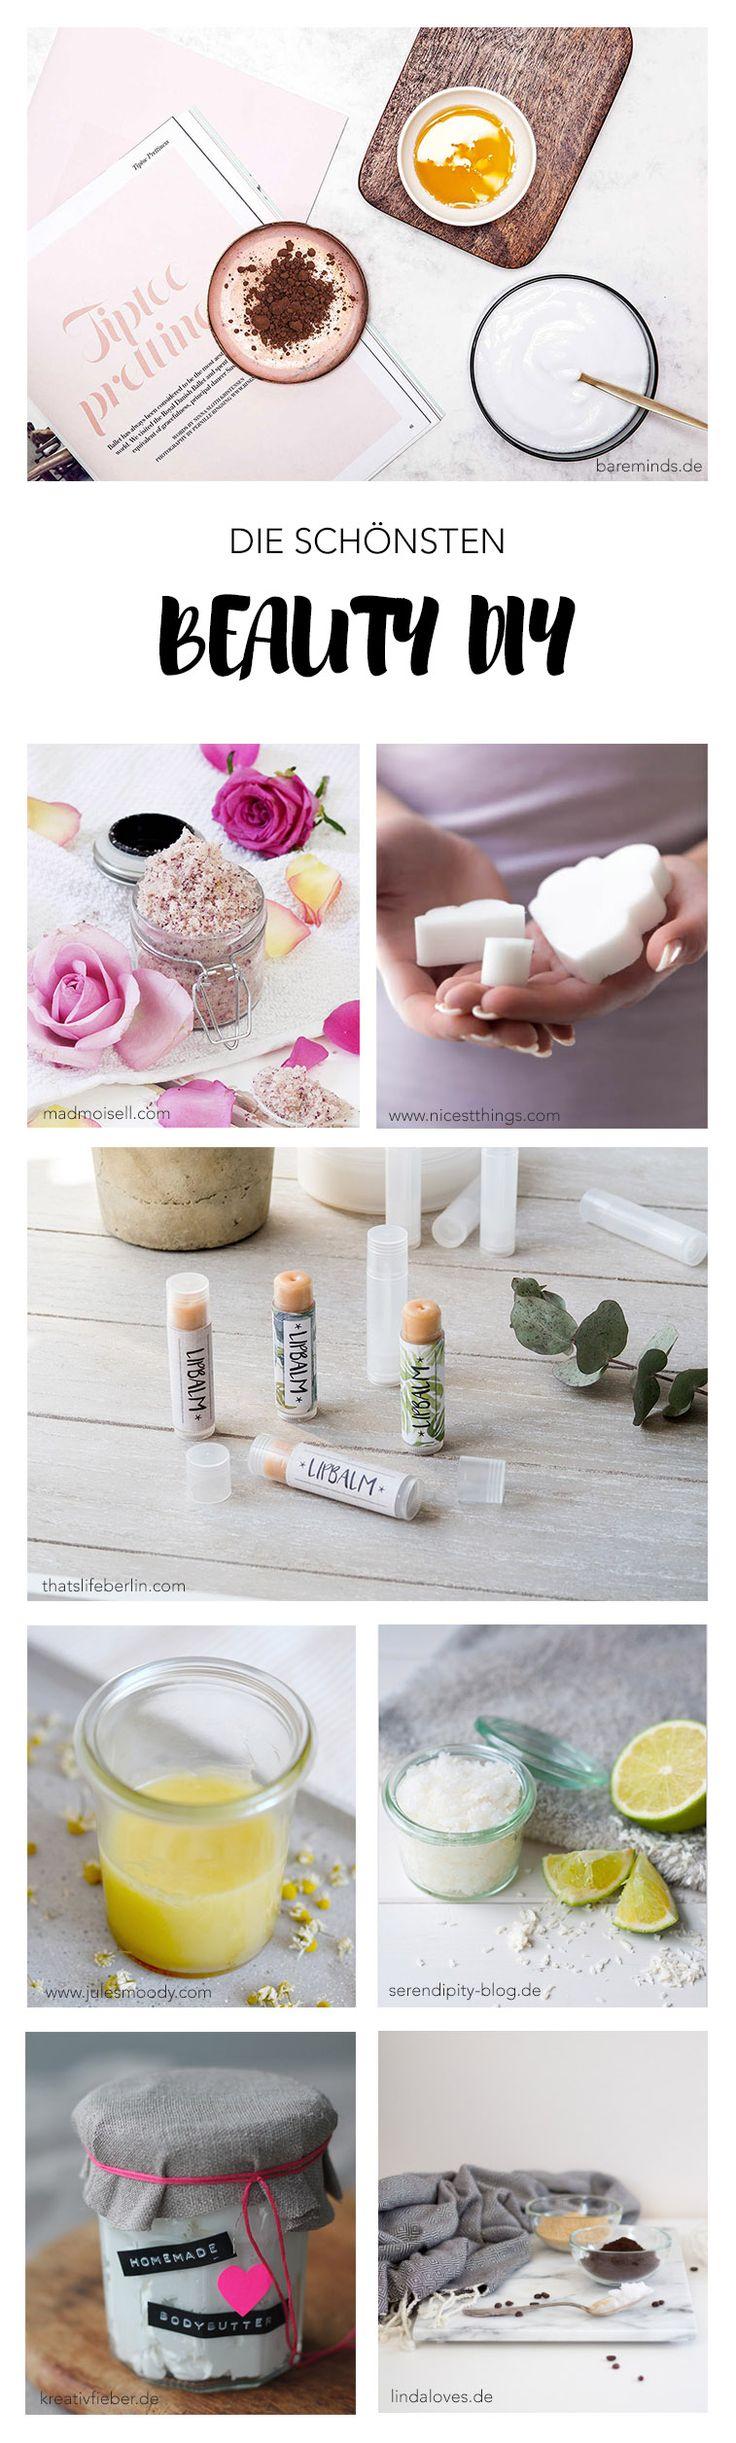 Die schönsten Ideen für Beauty DIYs um Kosmetik selber zu machen wie Peeling, Bodybutter, Gesichtsmasken, Seifen und noch viel mehr ... l